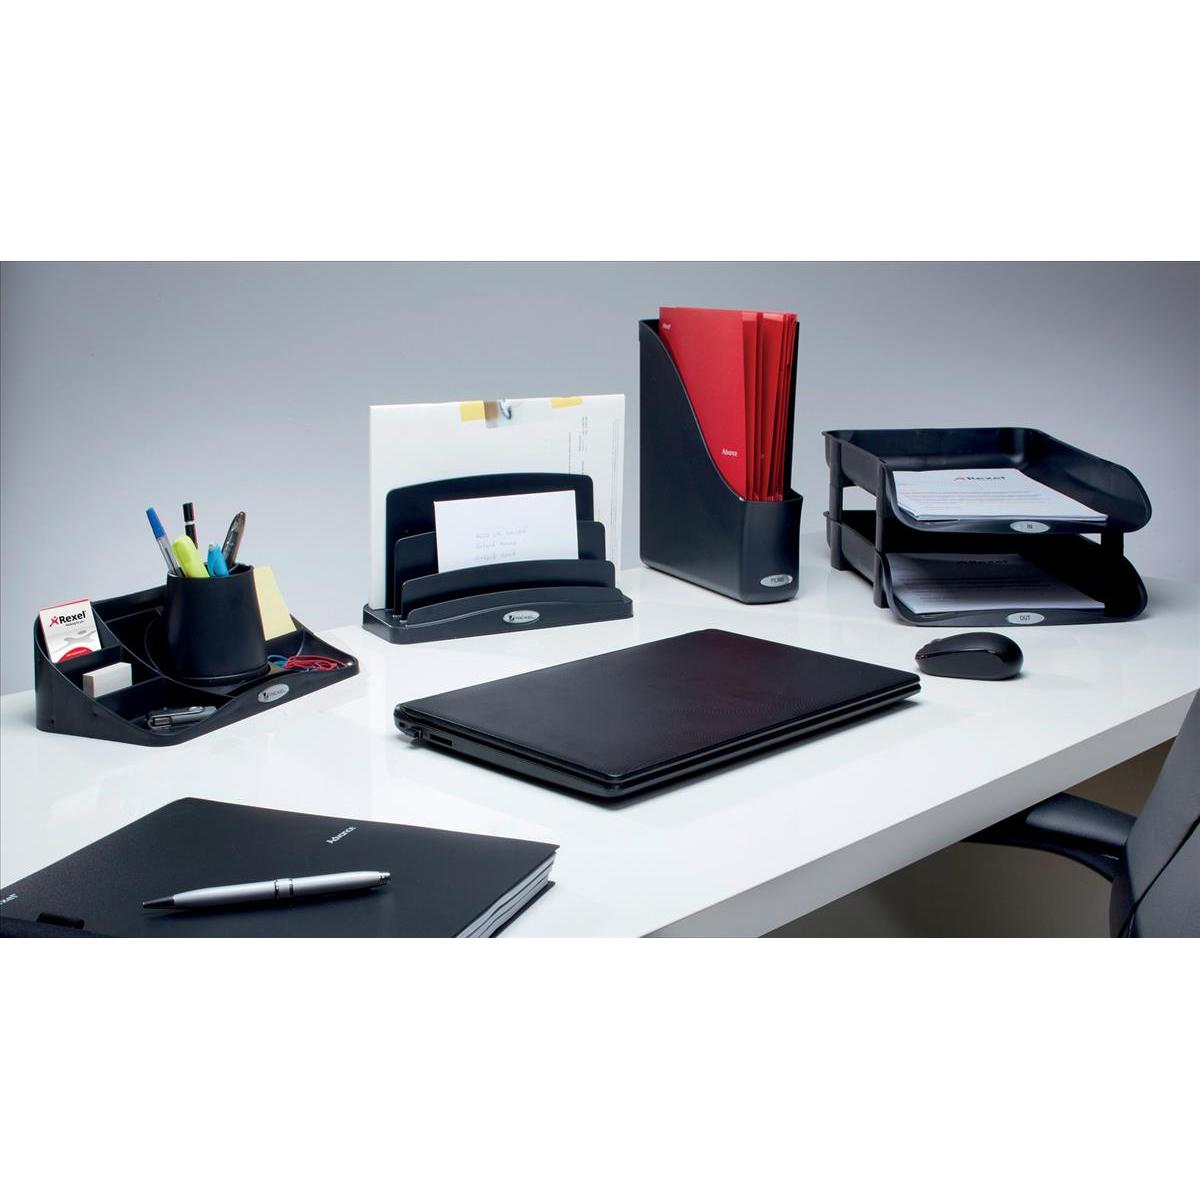 Desktop Accessories#Miscellaneous